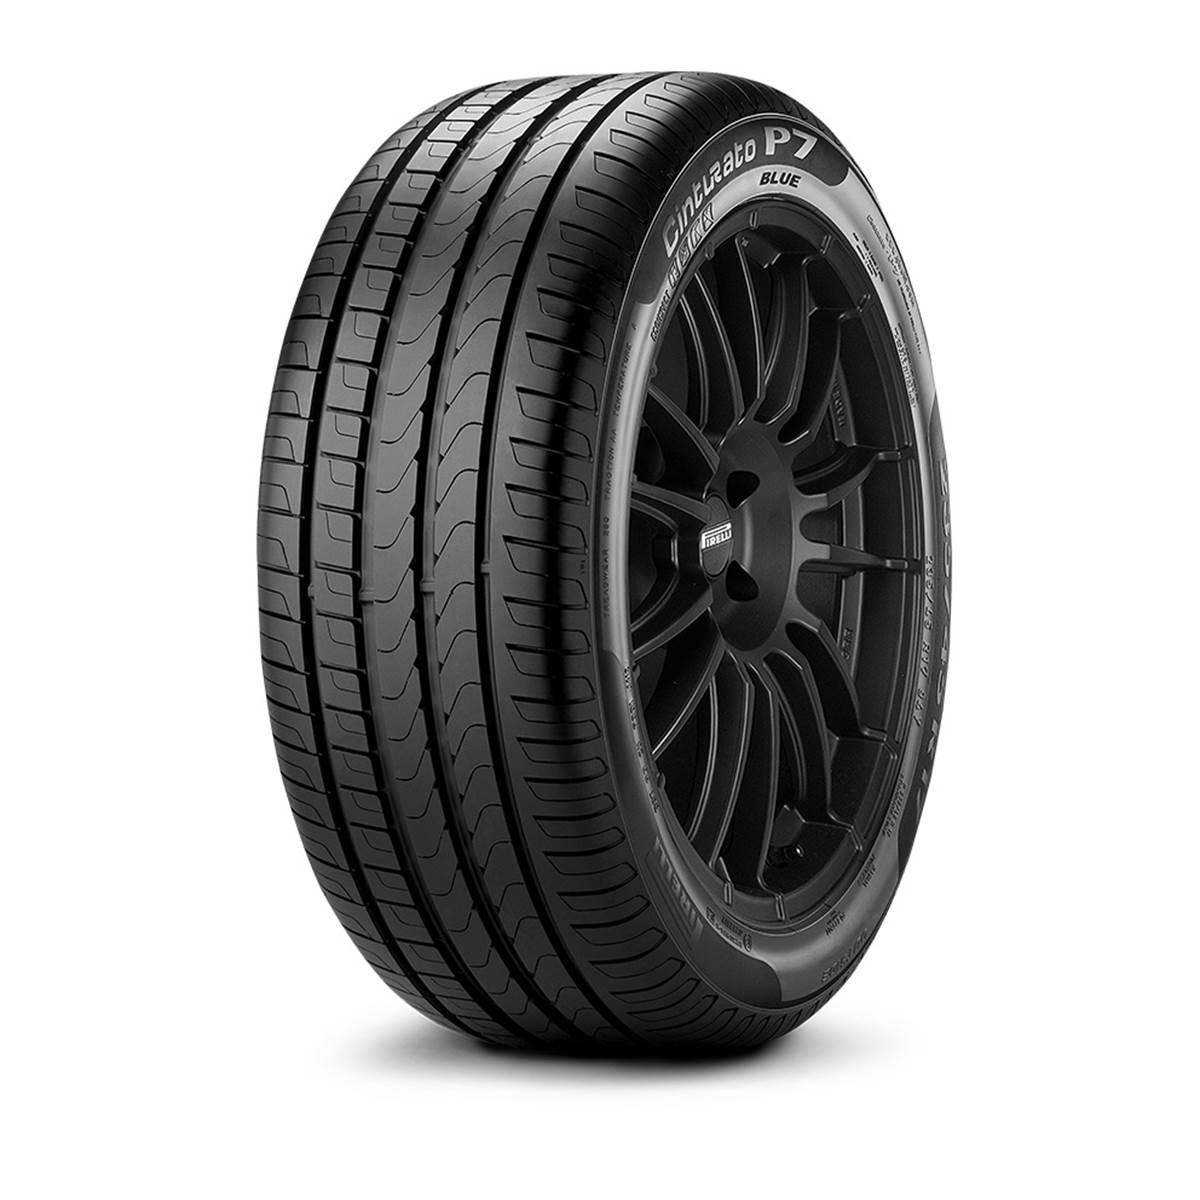 Pneu Pirelli 245/40R18 97Y Cinturato P7 Blue